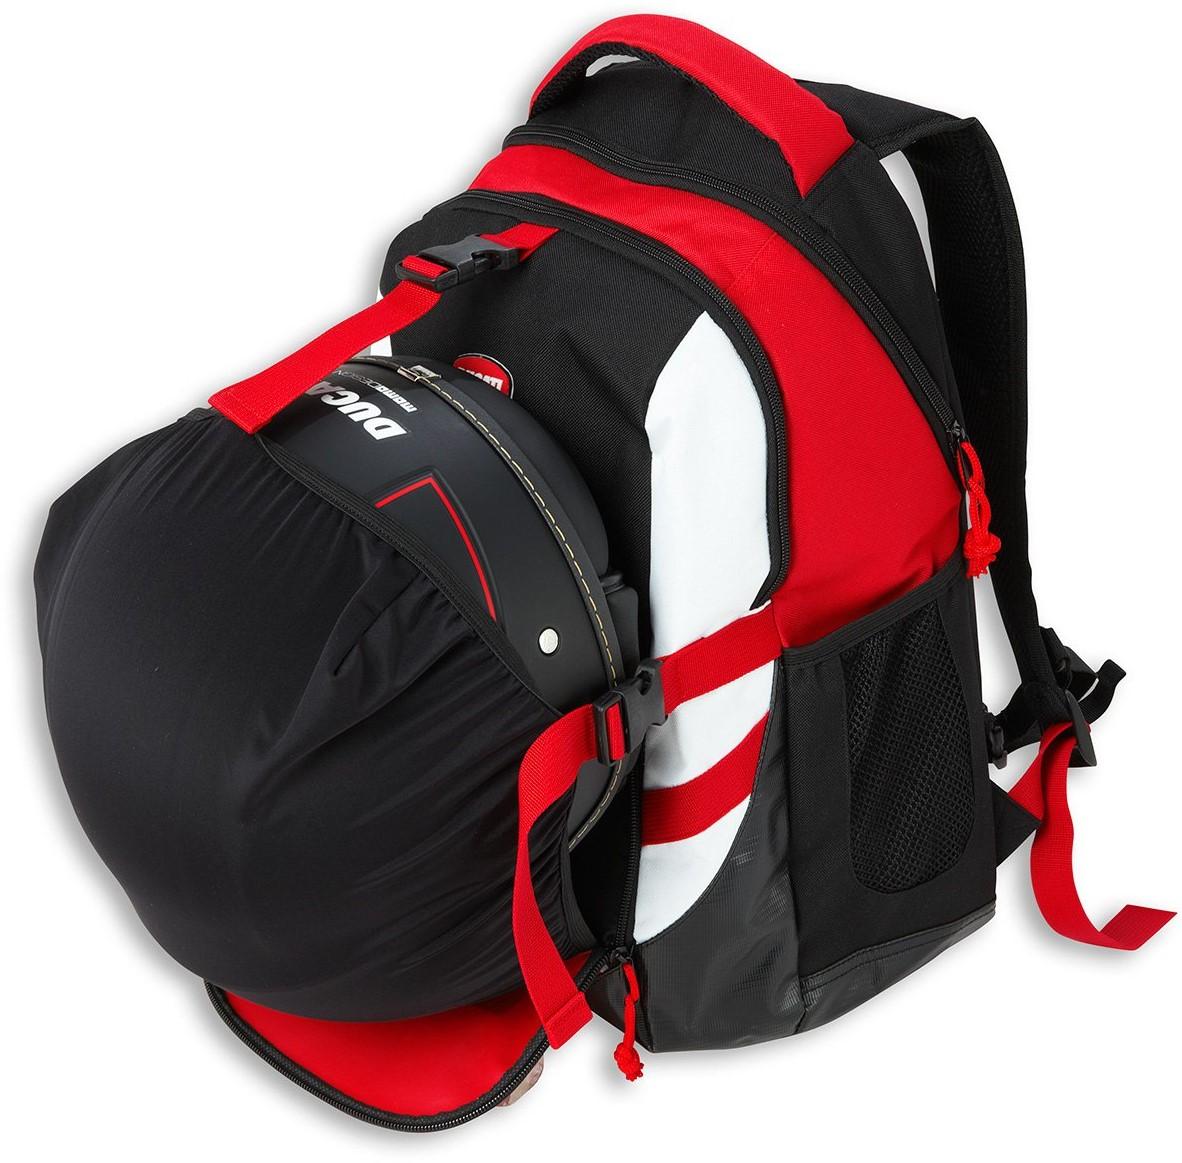 【DUCATI performance】Ducati Corse 後背包 - 「Webike-摩托百貨」